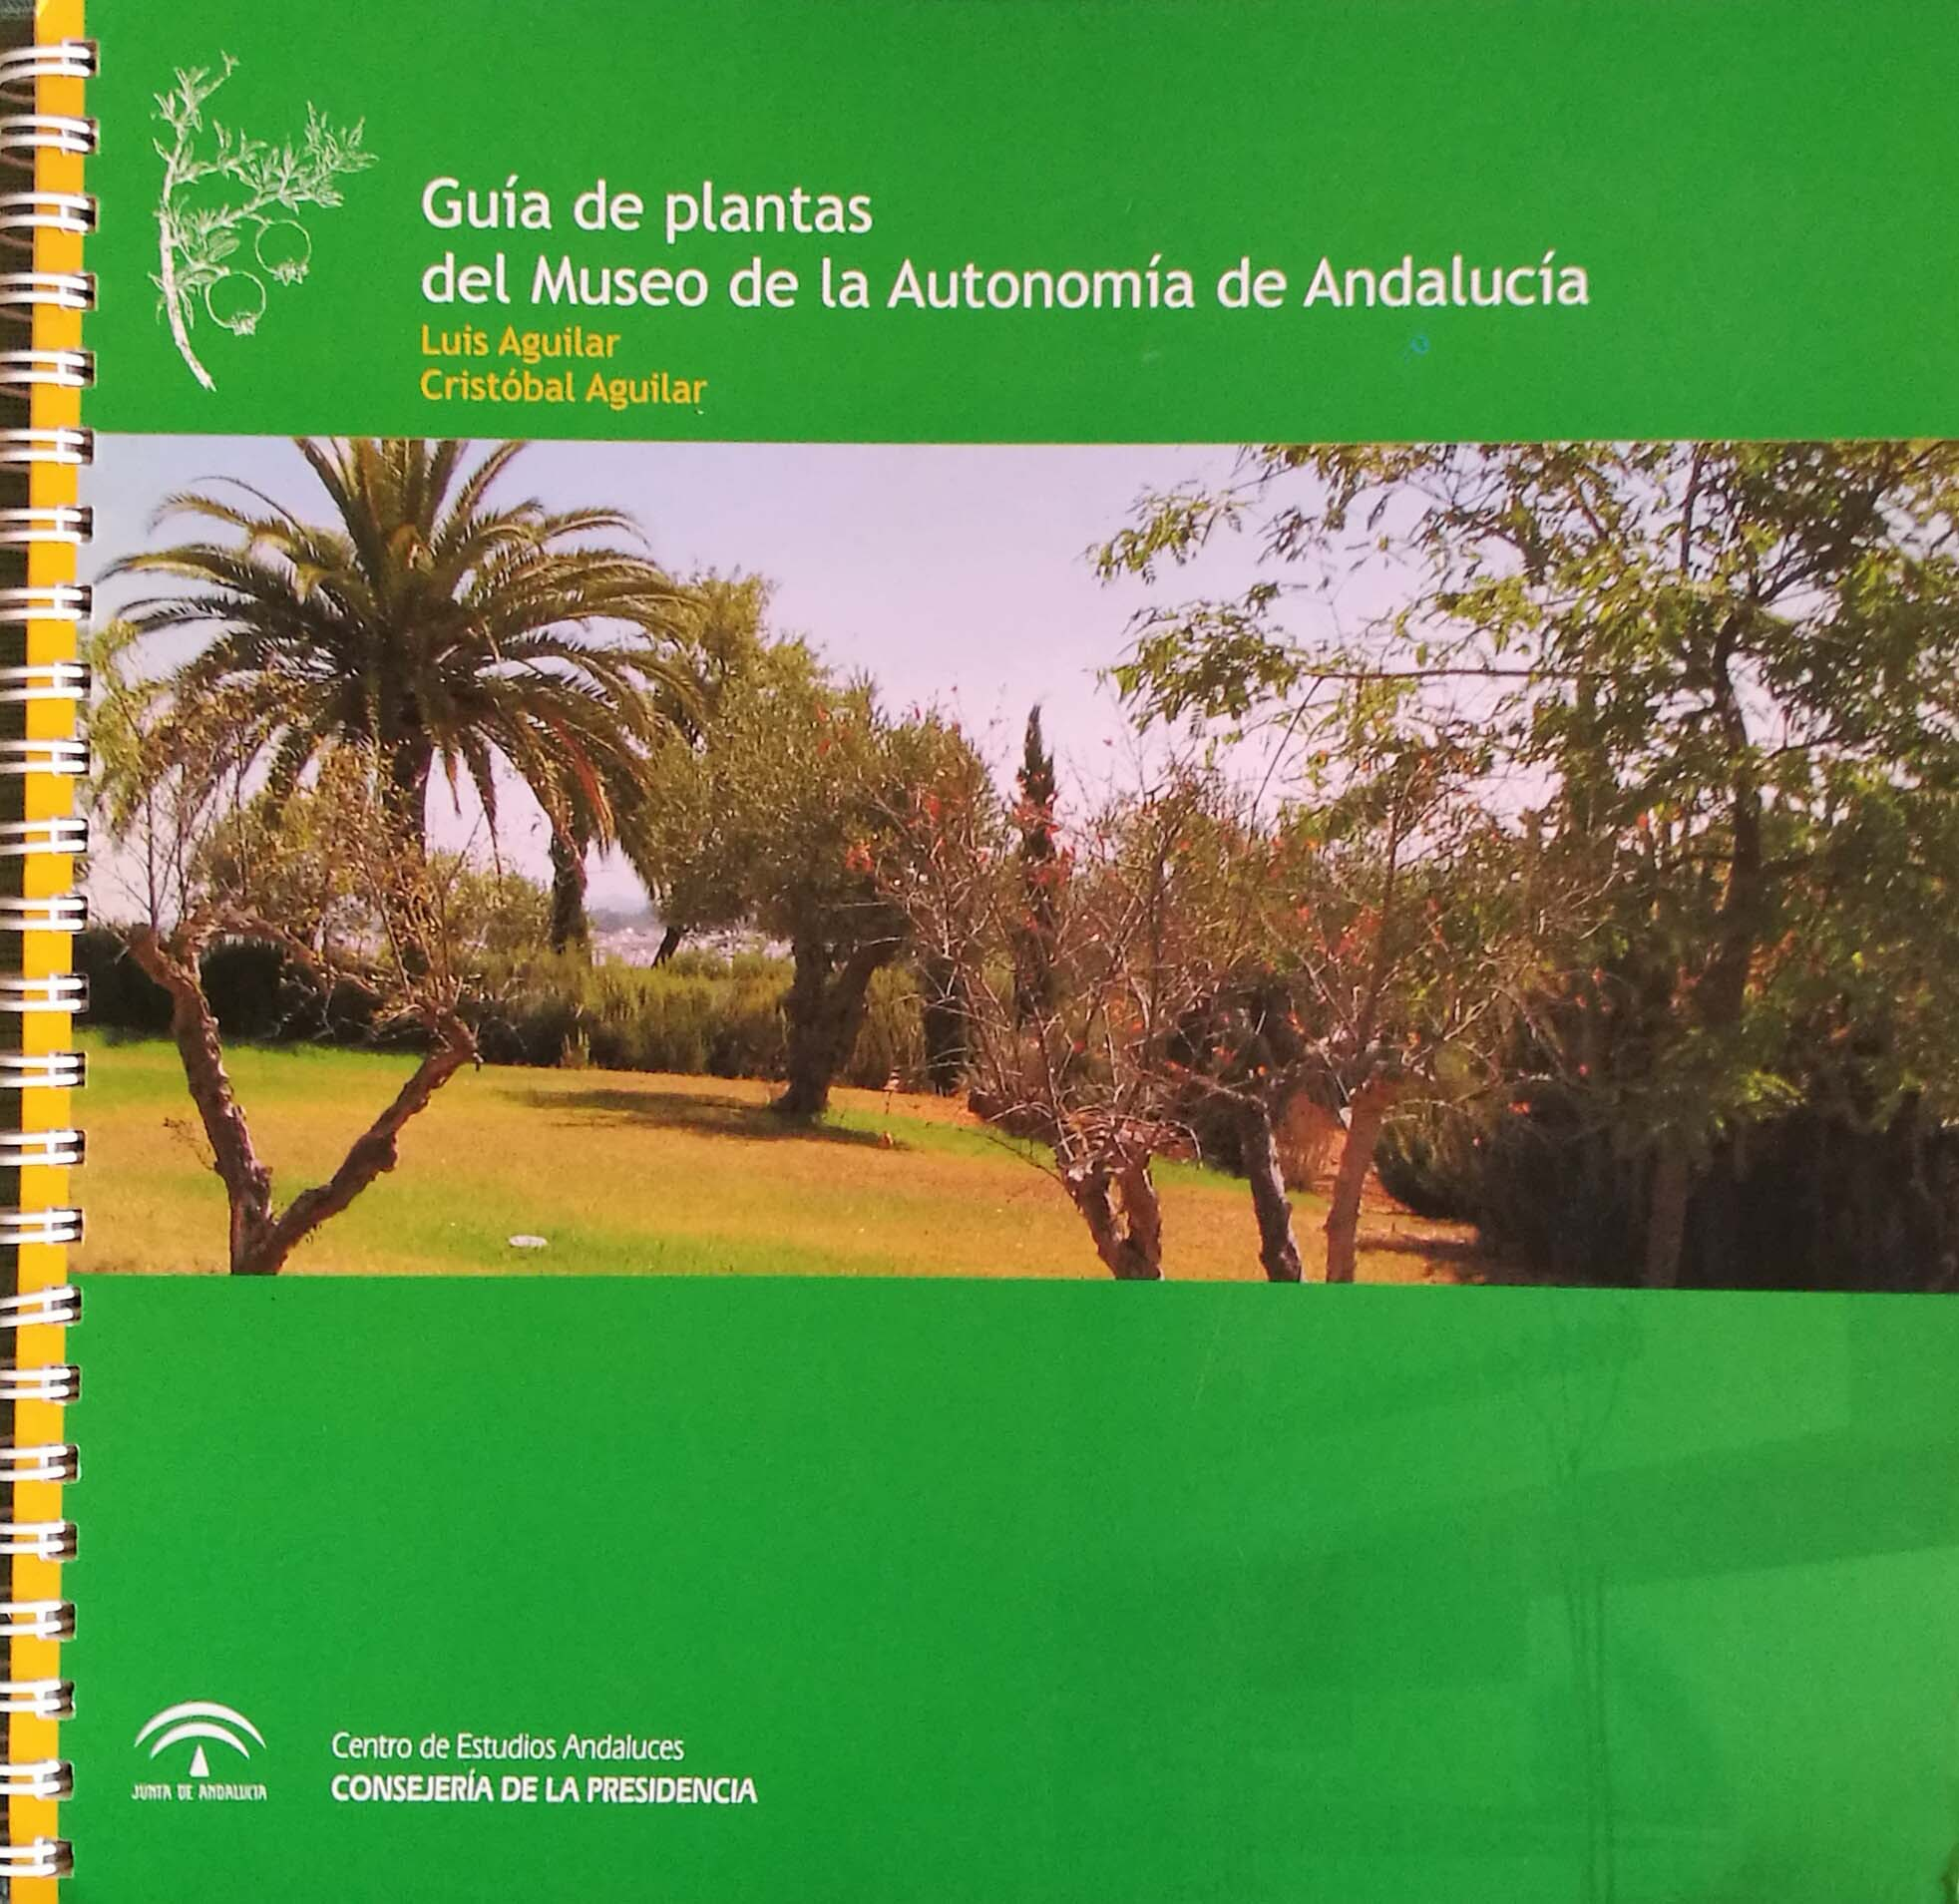 Museo de la Autonomía de Andalucía. Guía de plantas